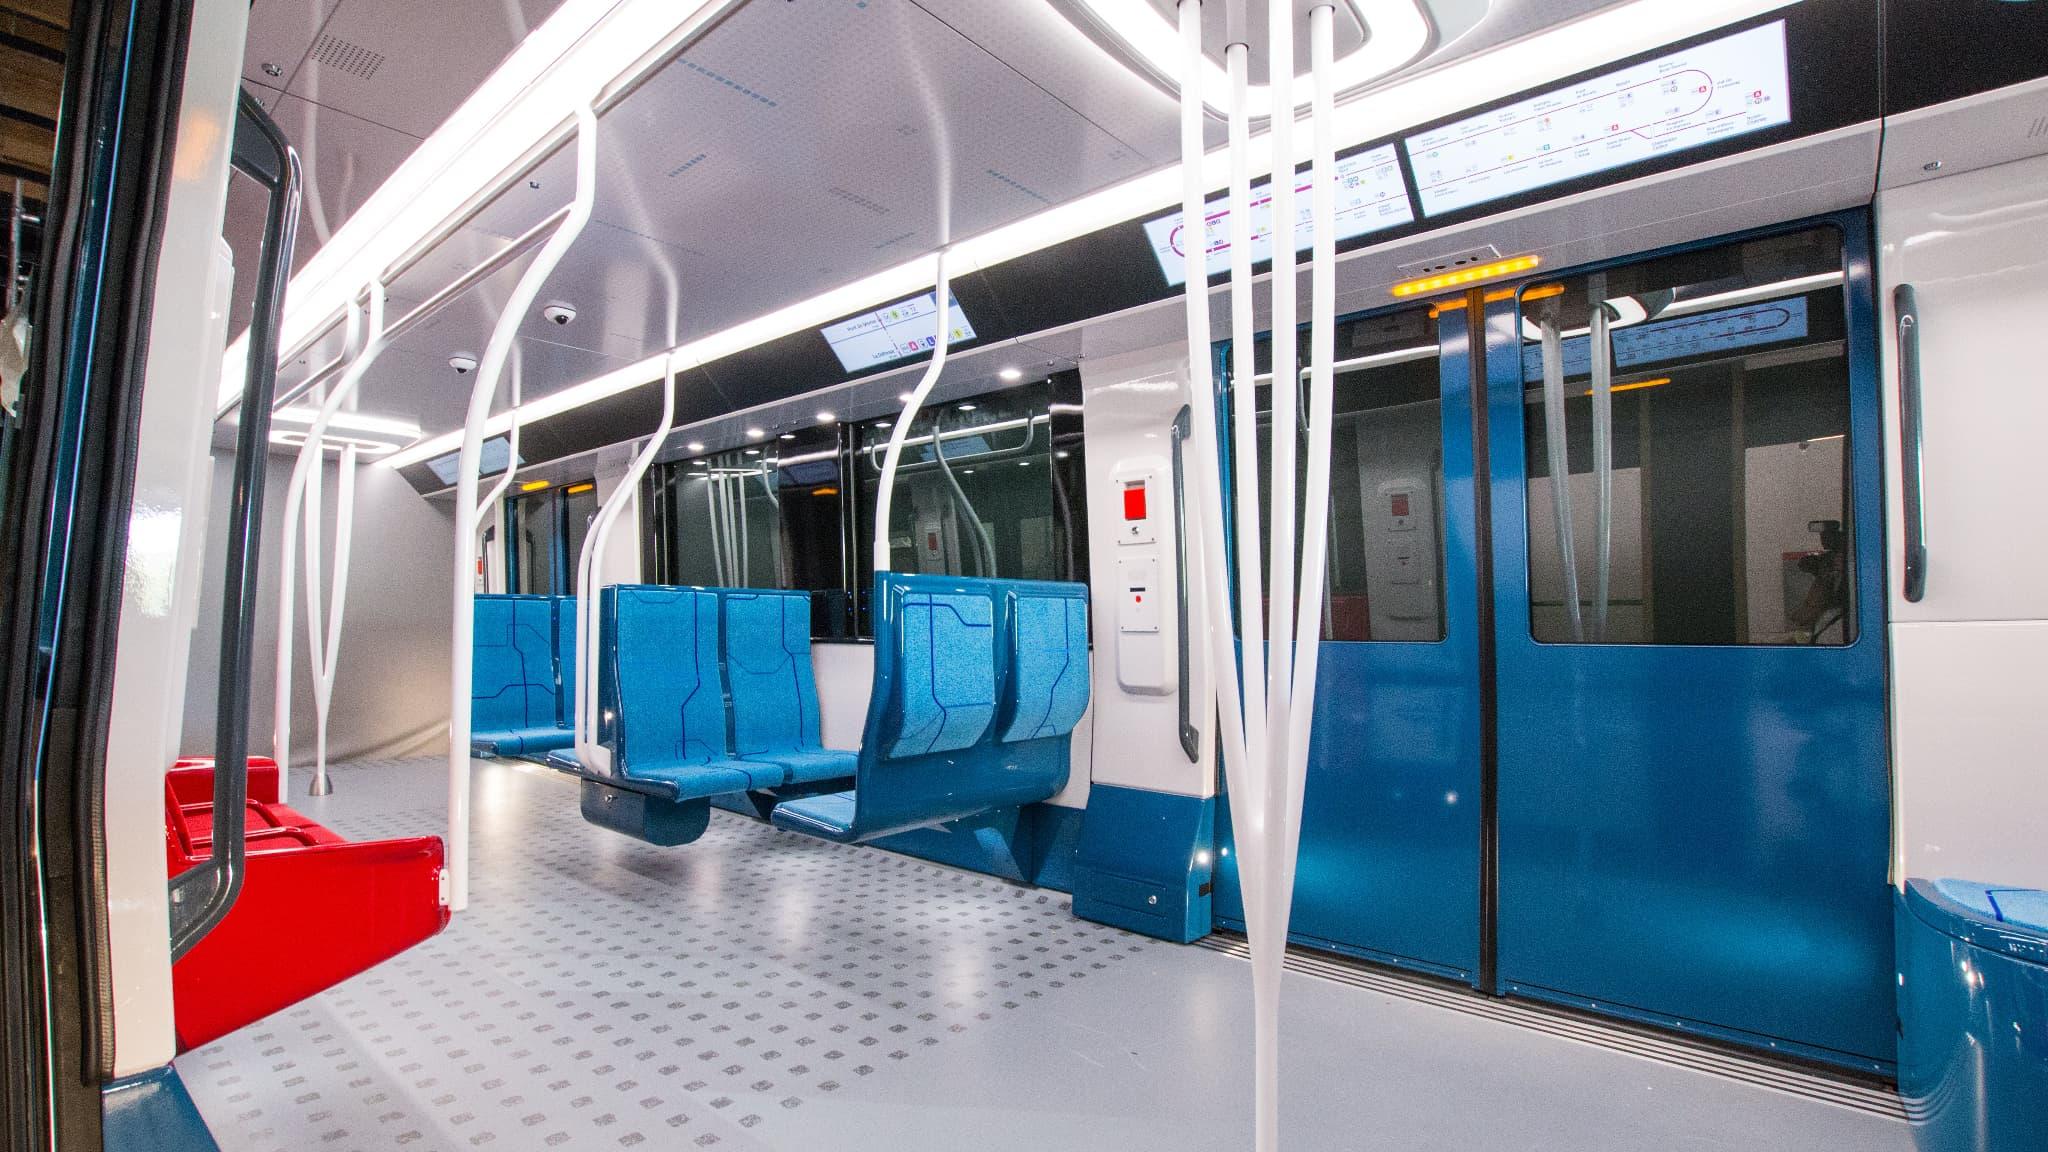 Métro du Grand Paris: la ligne 16 sera terminée dès 2028 - BFMTV